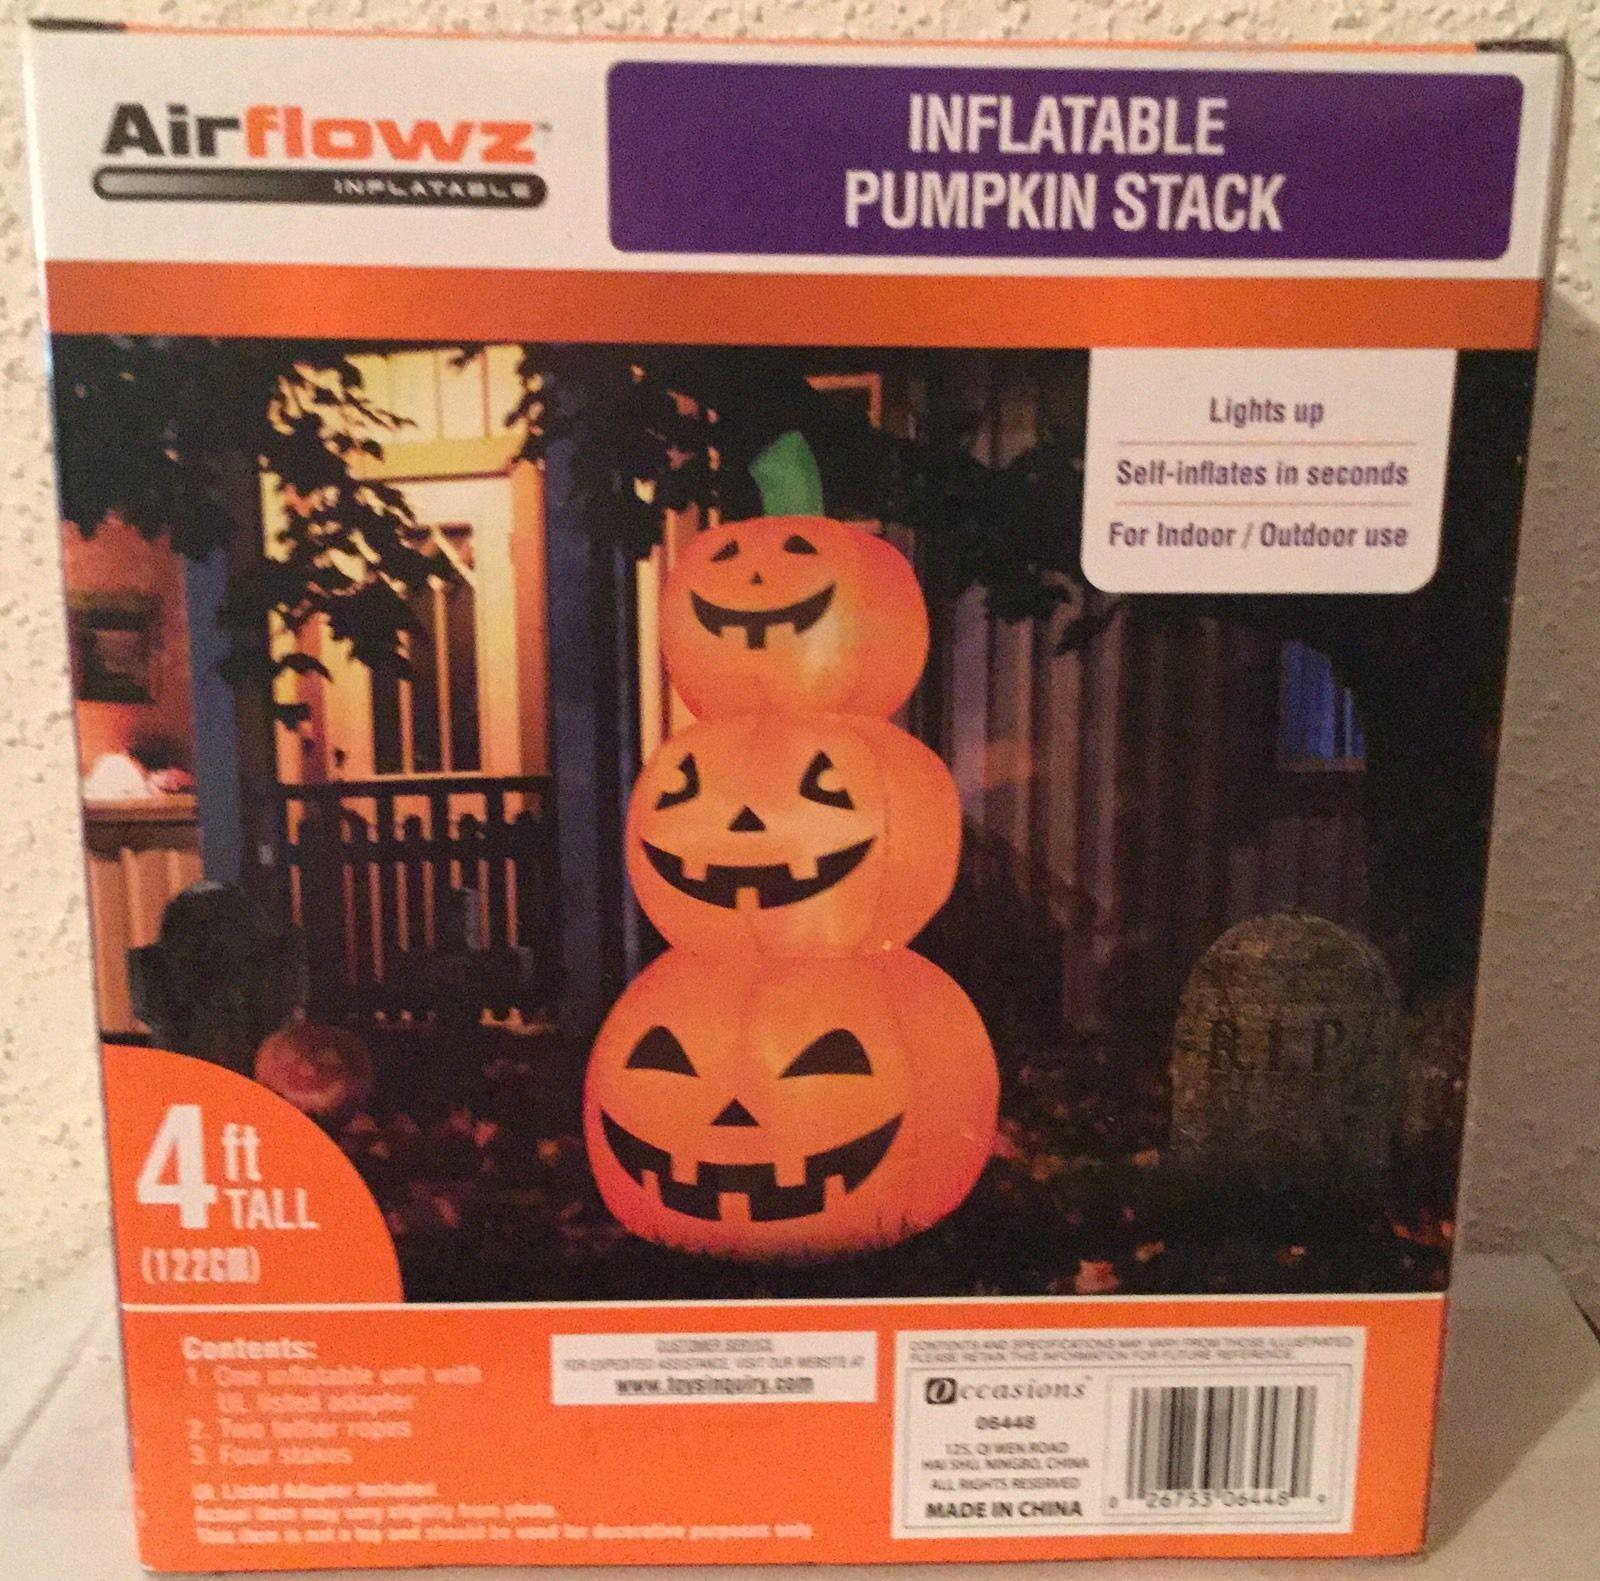 Halloween Inflatable Lighted 3 PUMPKIN STACK - 4' Tall - NEW - Indoor / Outdoor